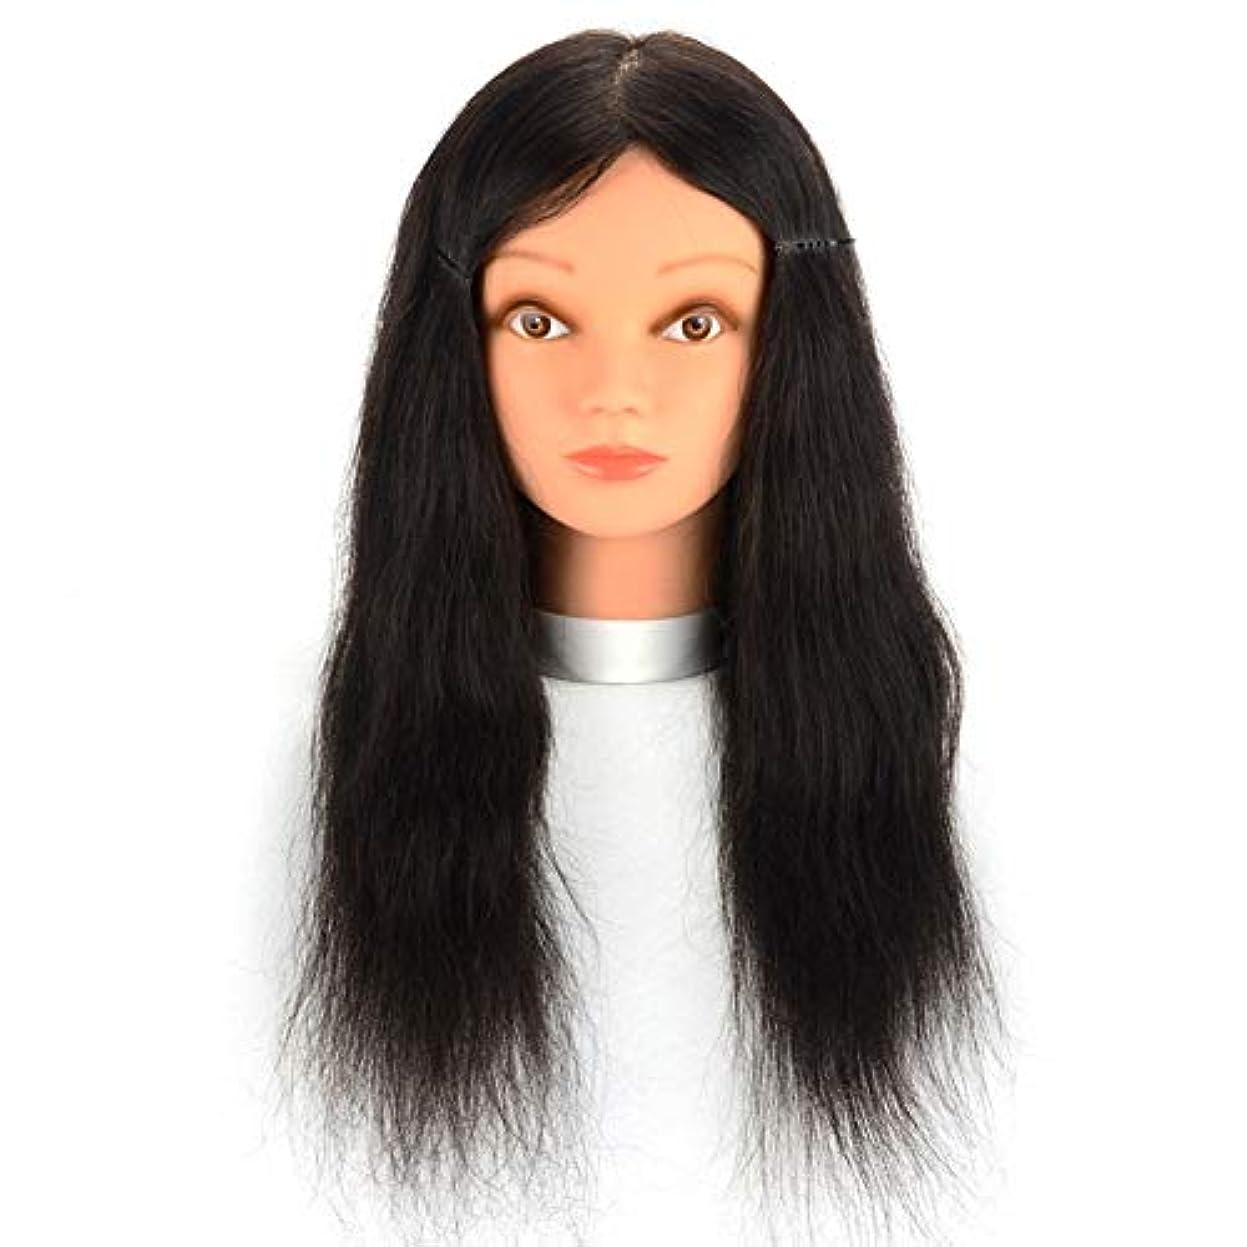 企業上散文リアルヘアマネキンヘッド理髪店パーマ髪染色練習かつらヘッドモデルメイクアップヘアカット練習ダミーヘッド,16inches